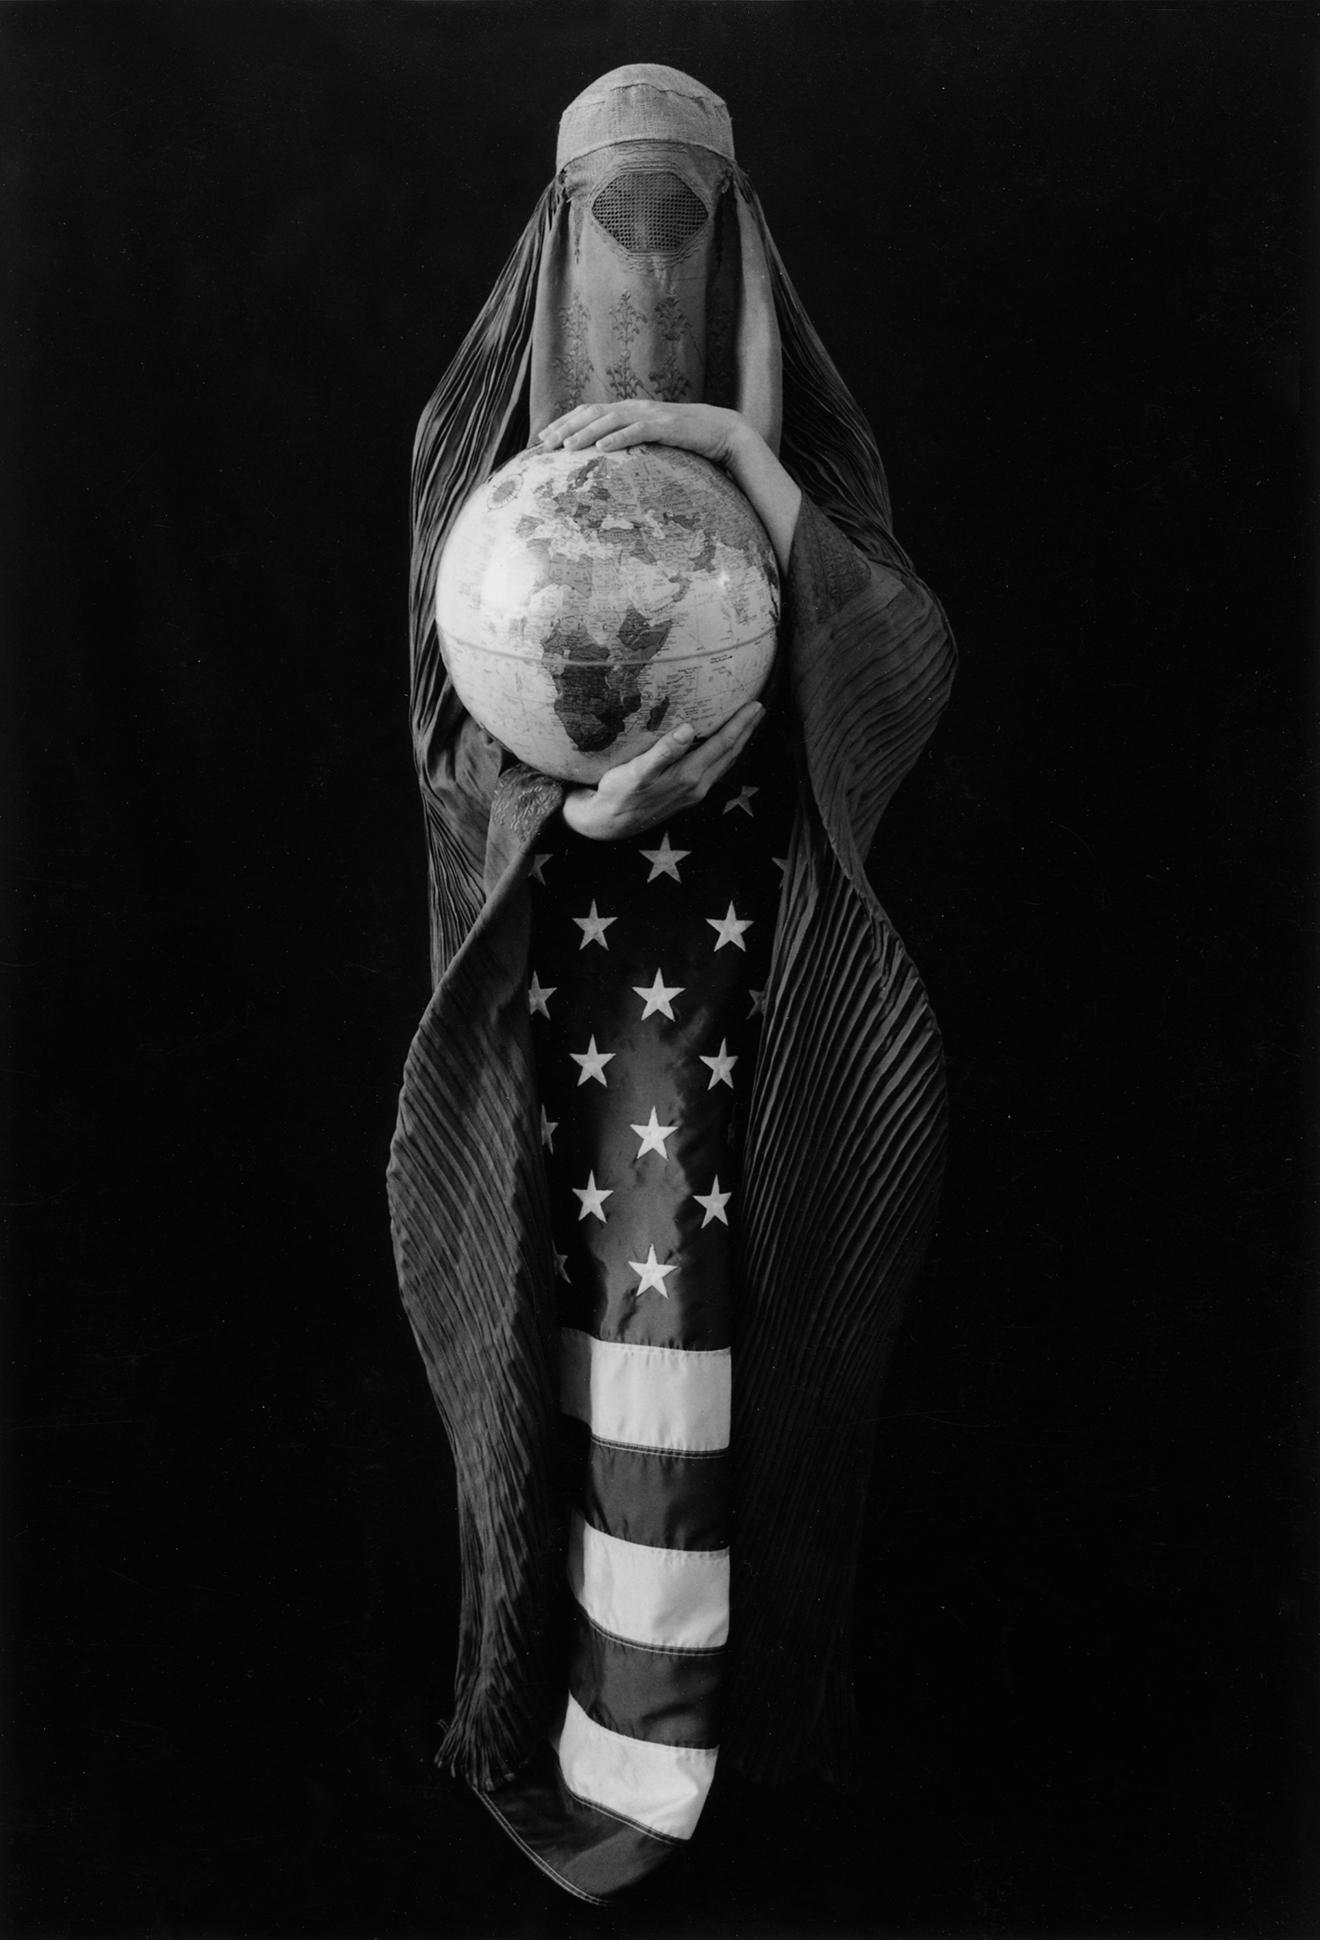 Globalization © Patti Levey